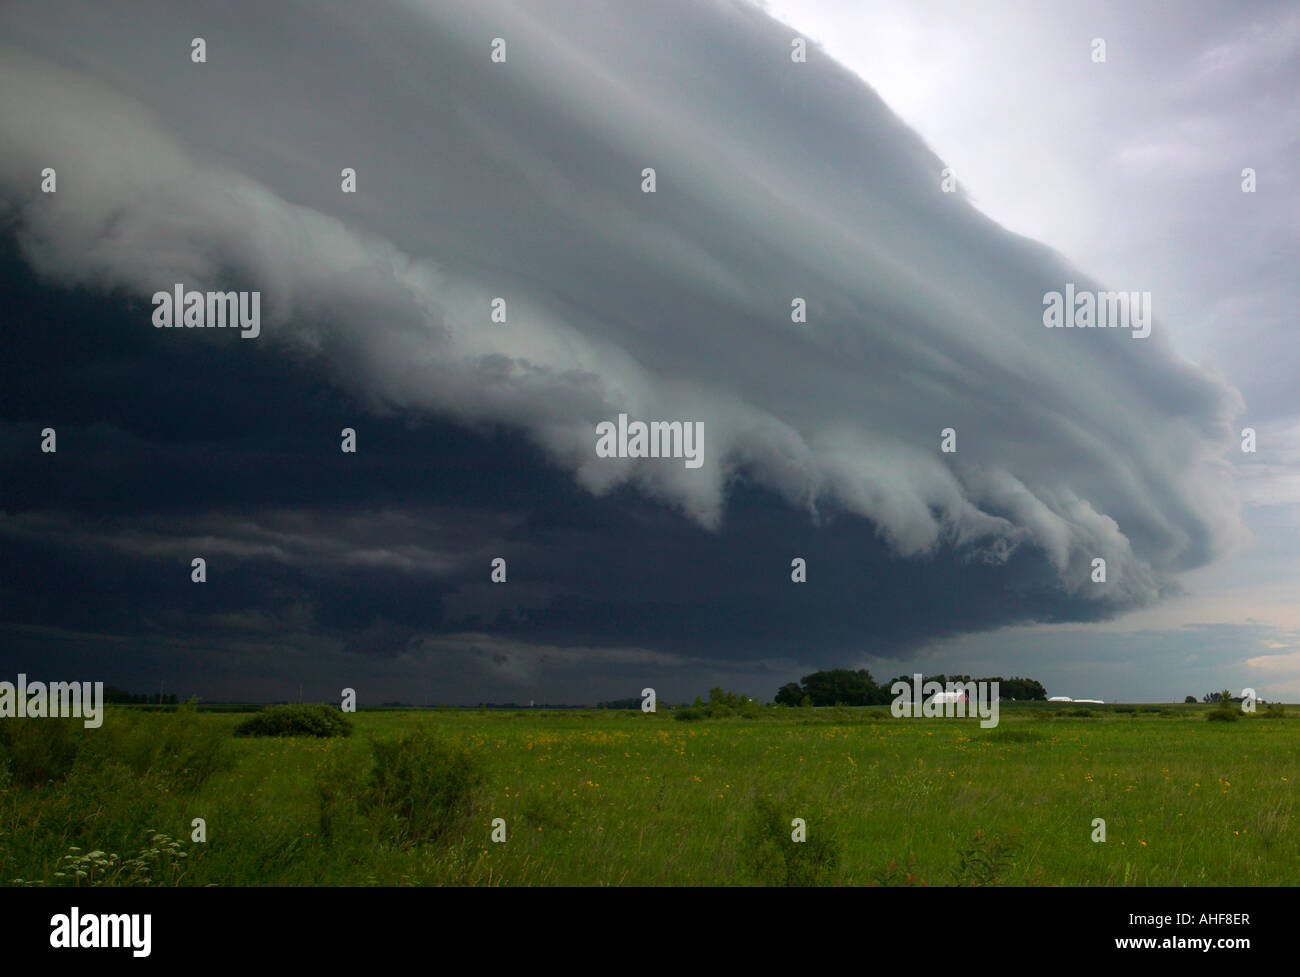 Regal-Wolke über die Prärie und Bauernhof, Minnesota USA Stockbild